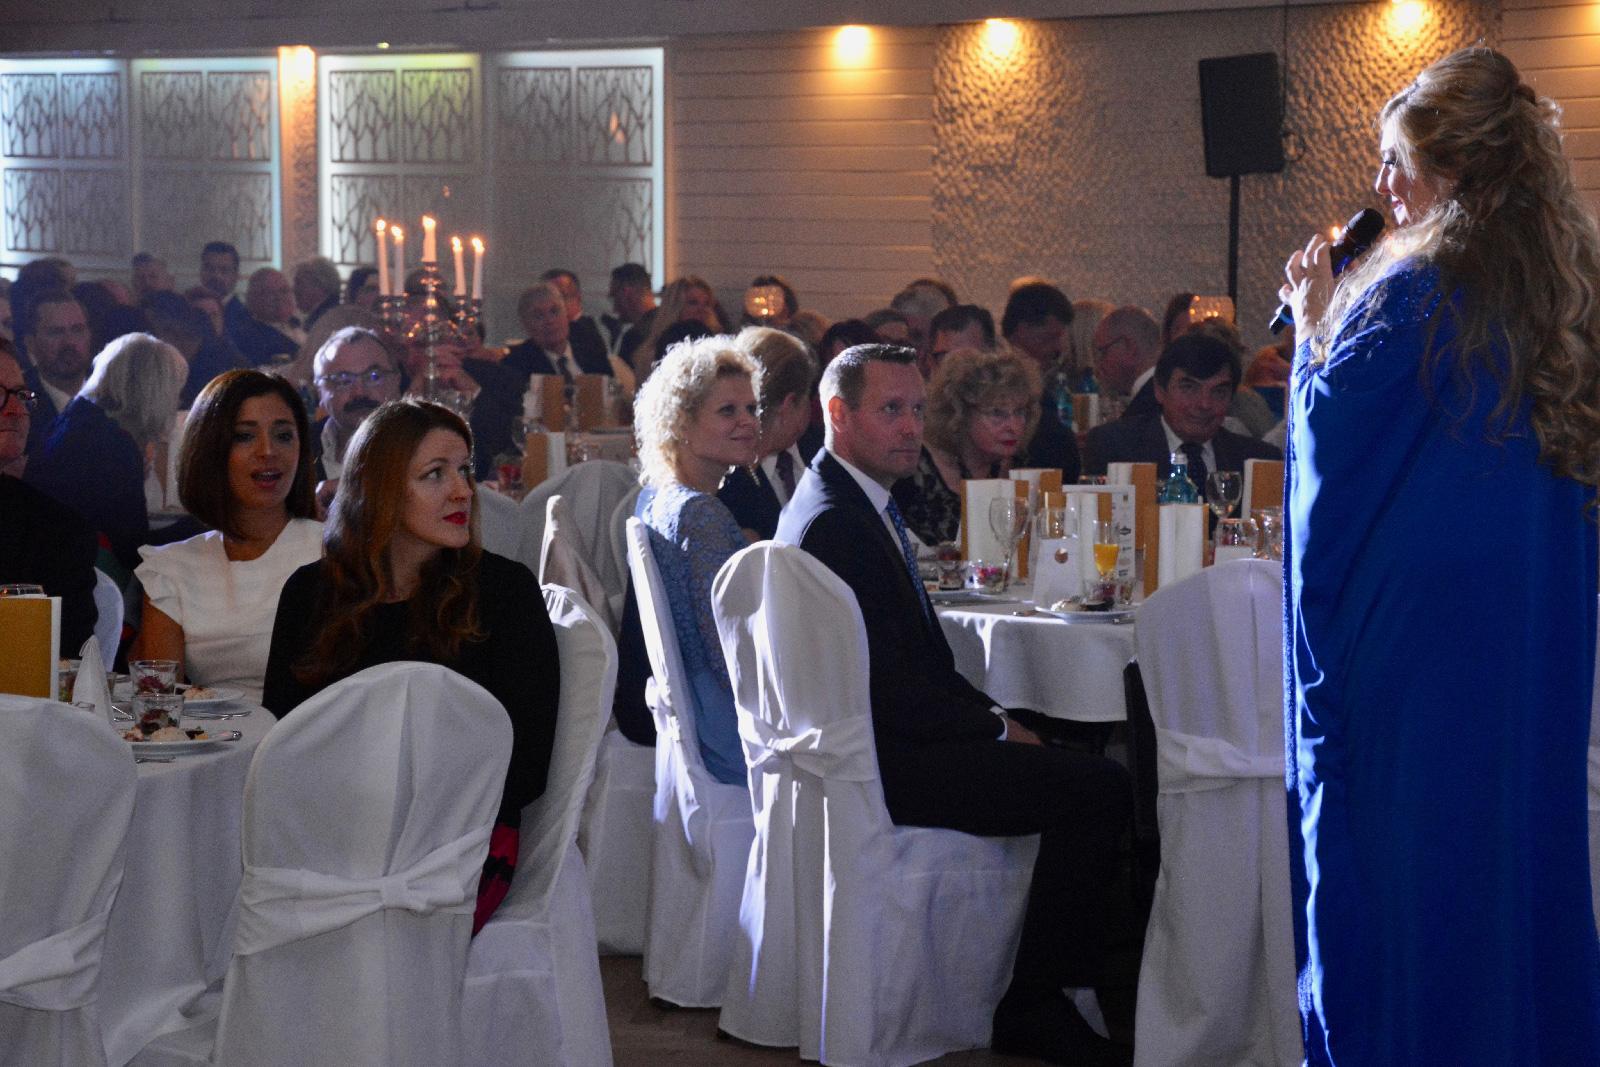 Die Sängerin Sandra van de Pol eröffnete die Gala musikalisch. Foto: Lorenz Märtl